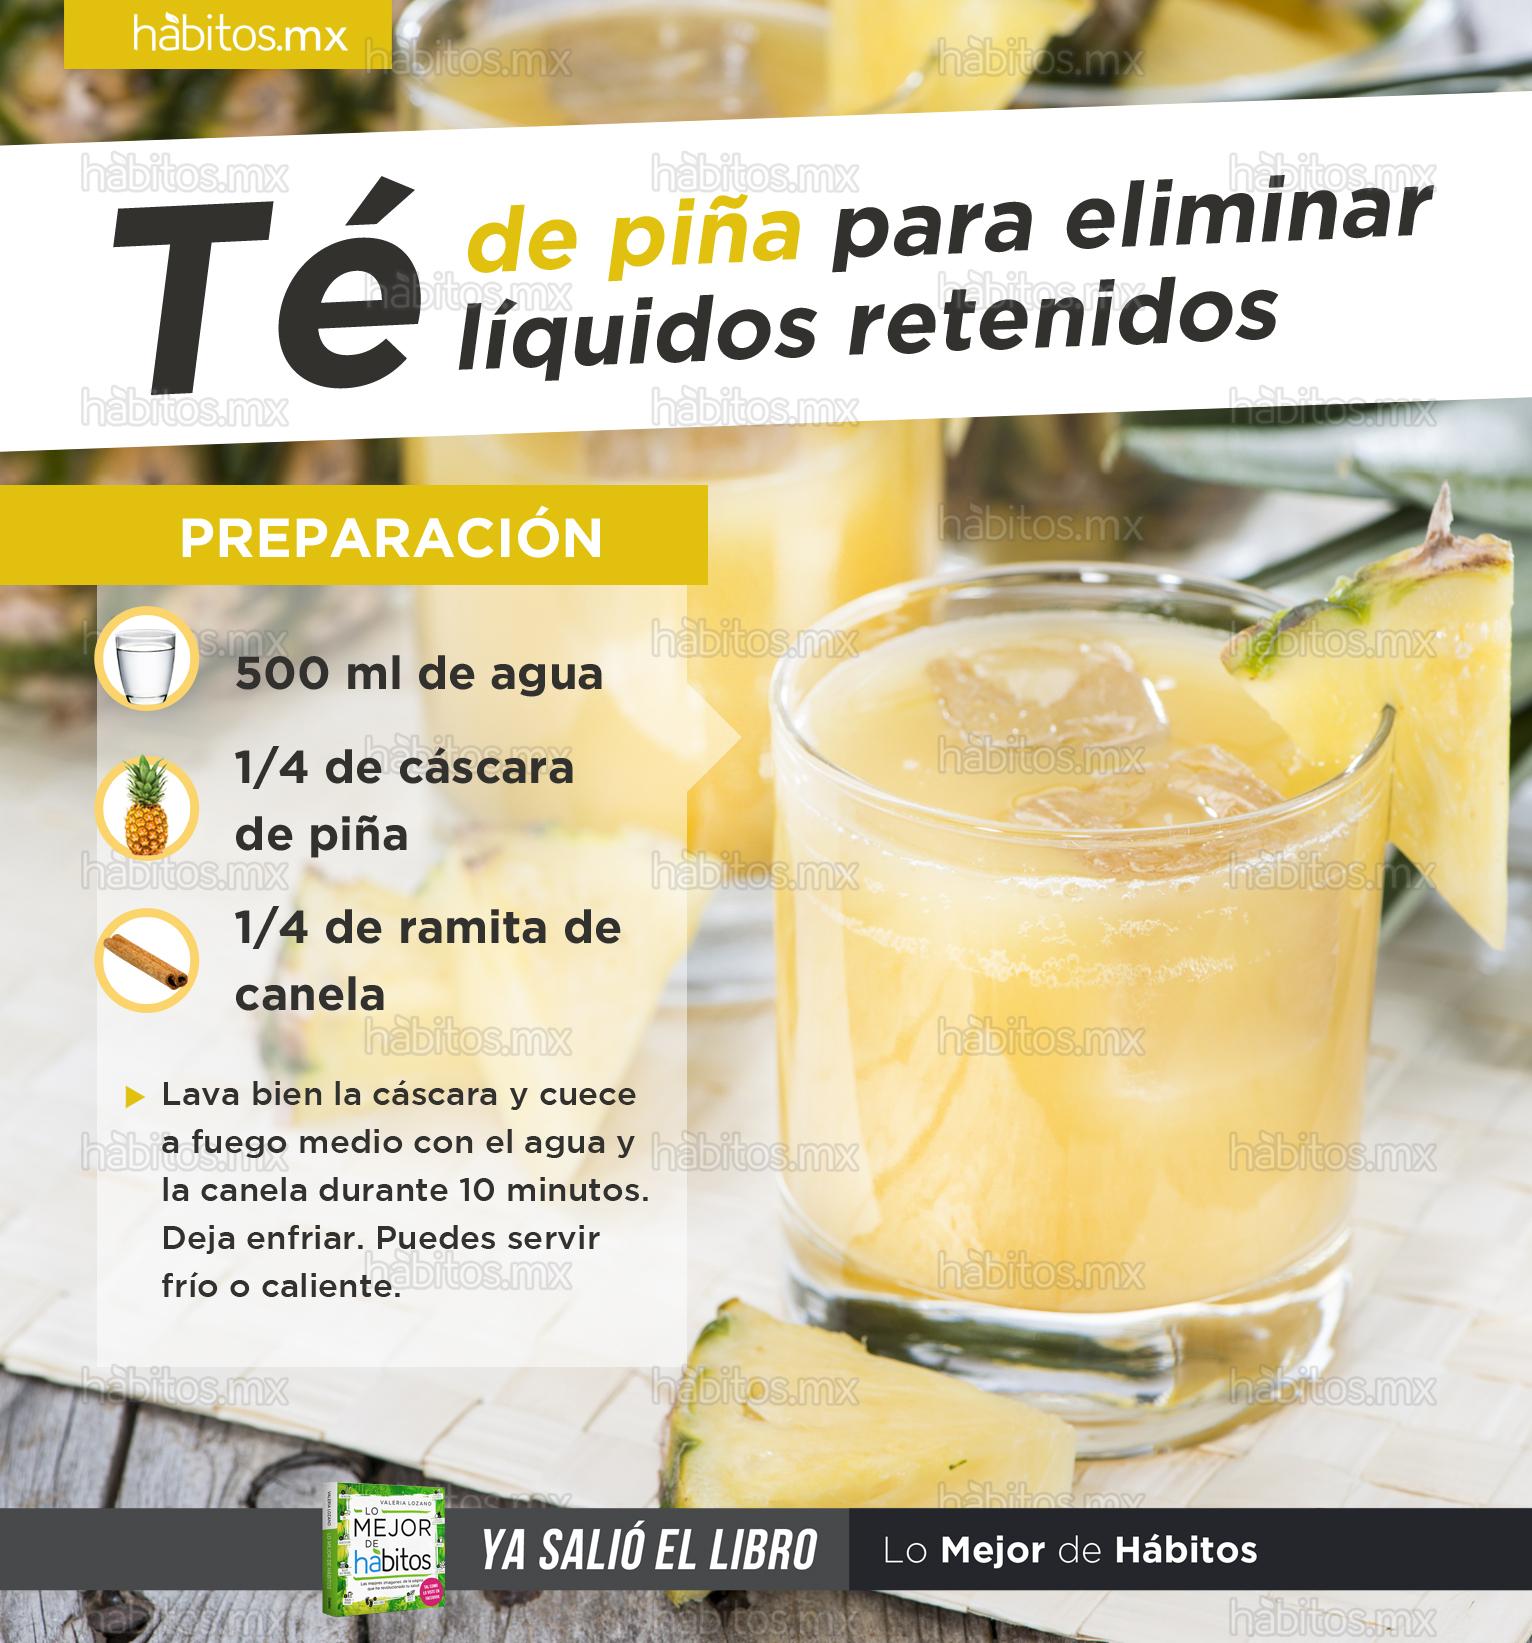 Cómo eliminar líquidos retenidos